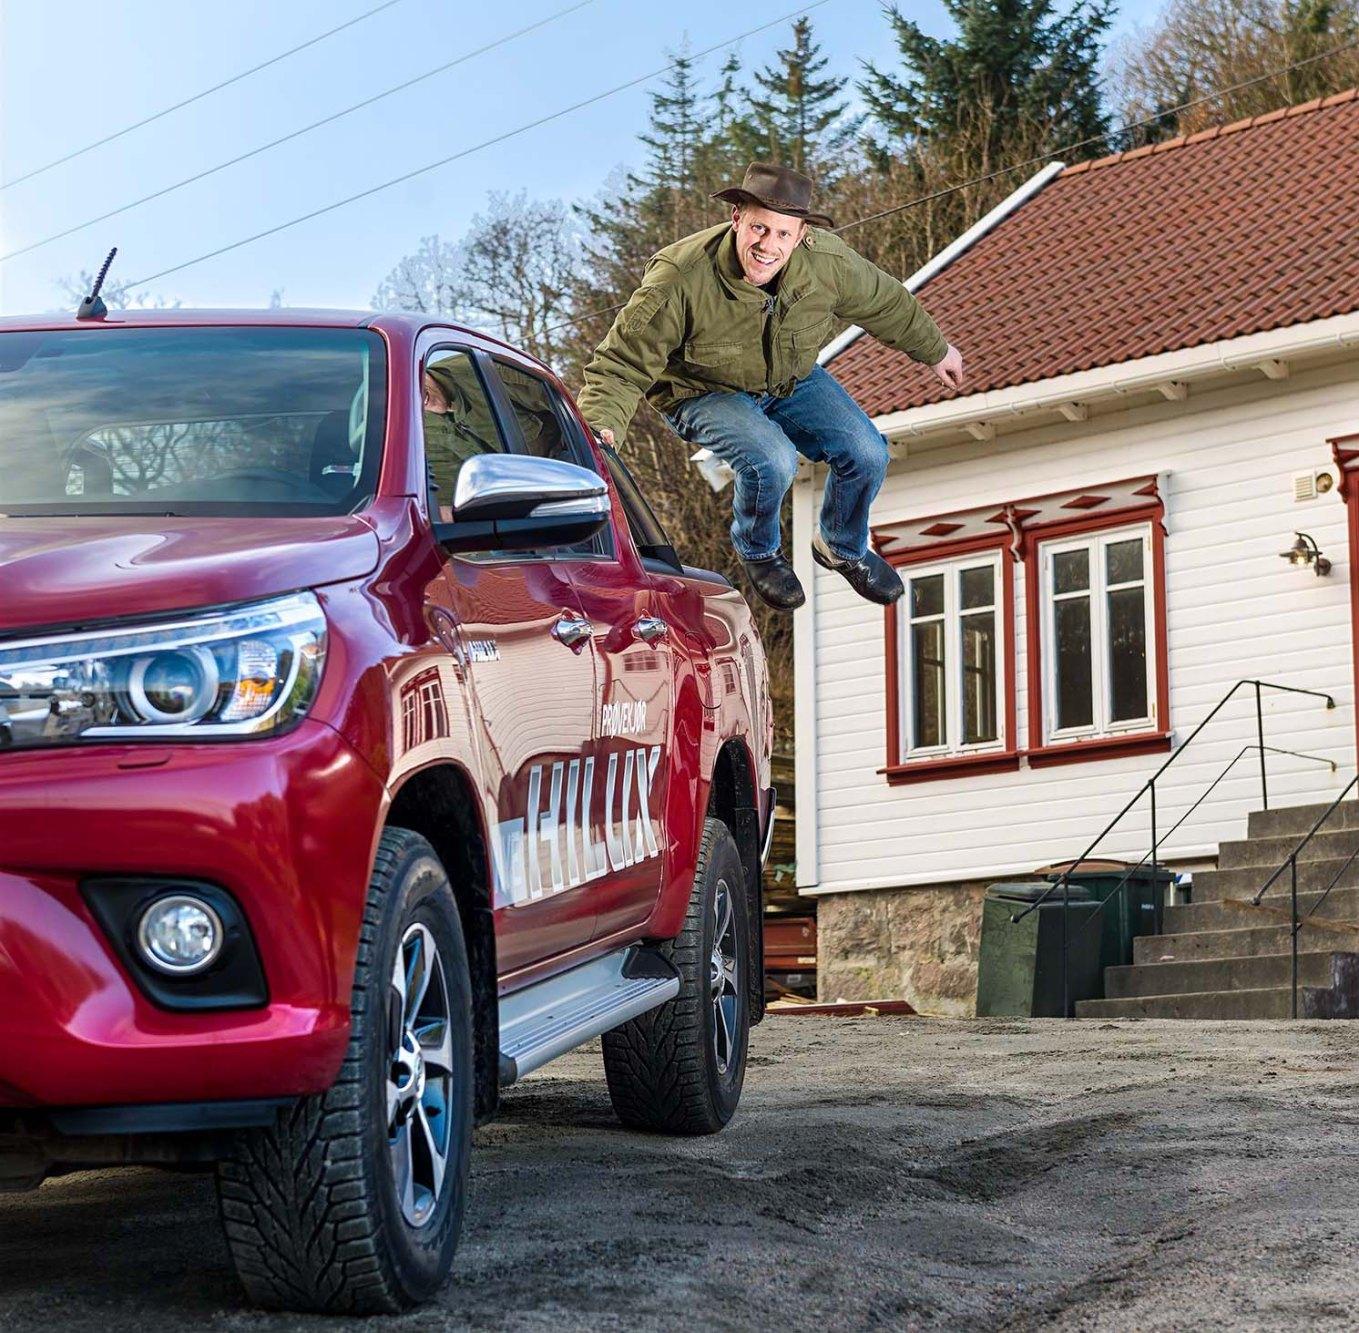 Toyota Hilux prøvekjørt av Farmen Oddvar Jenssen